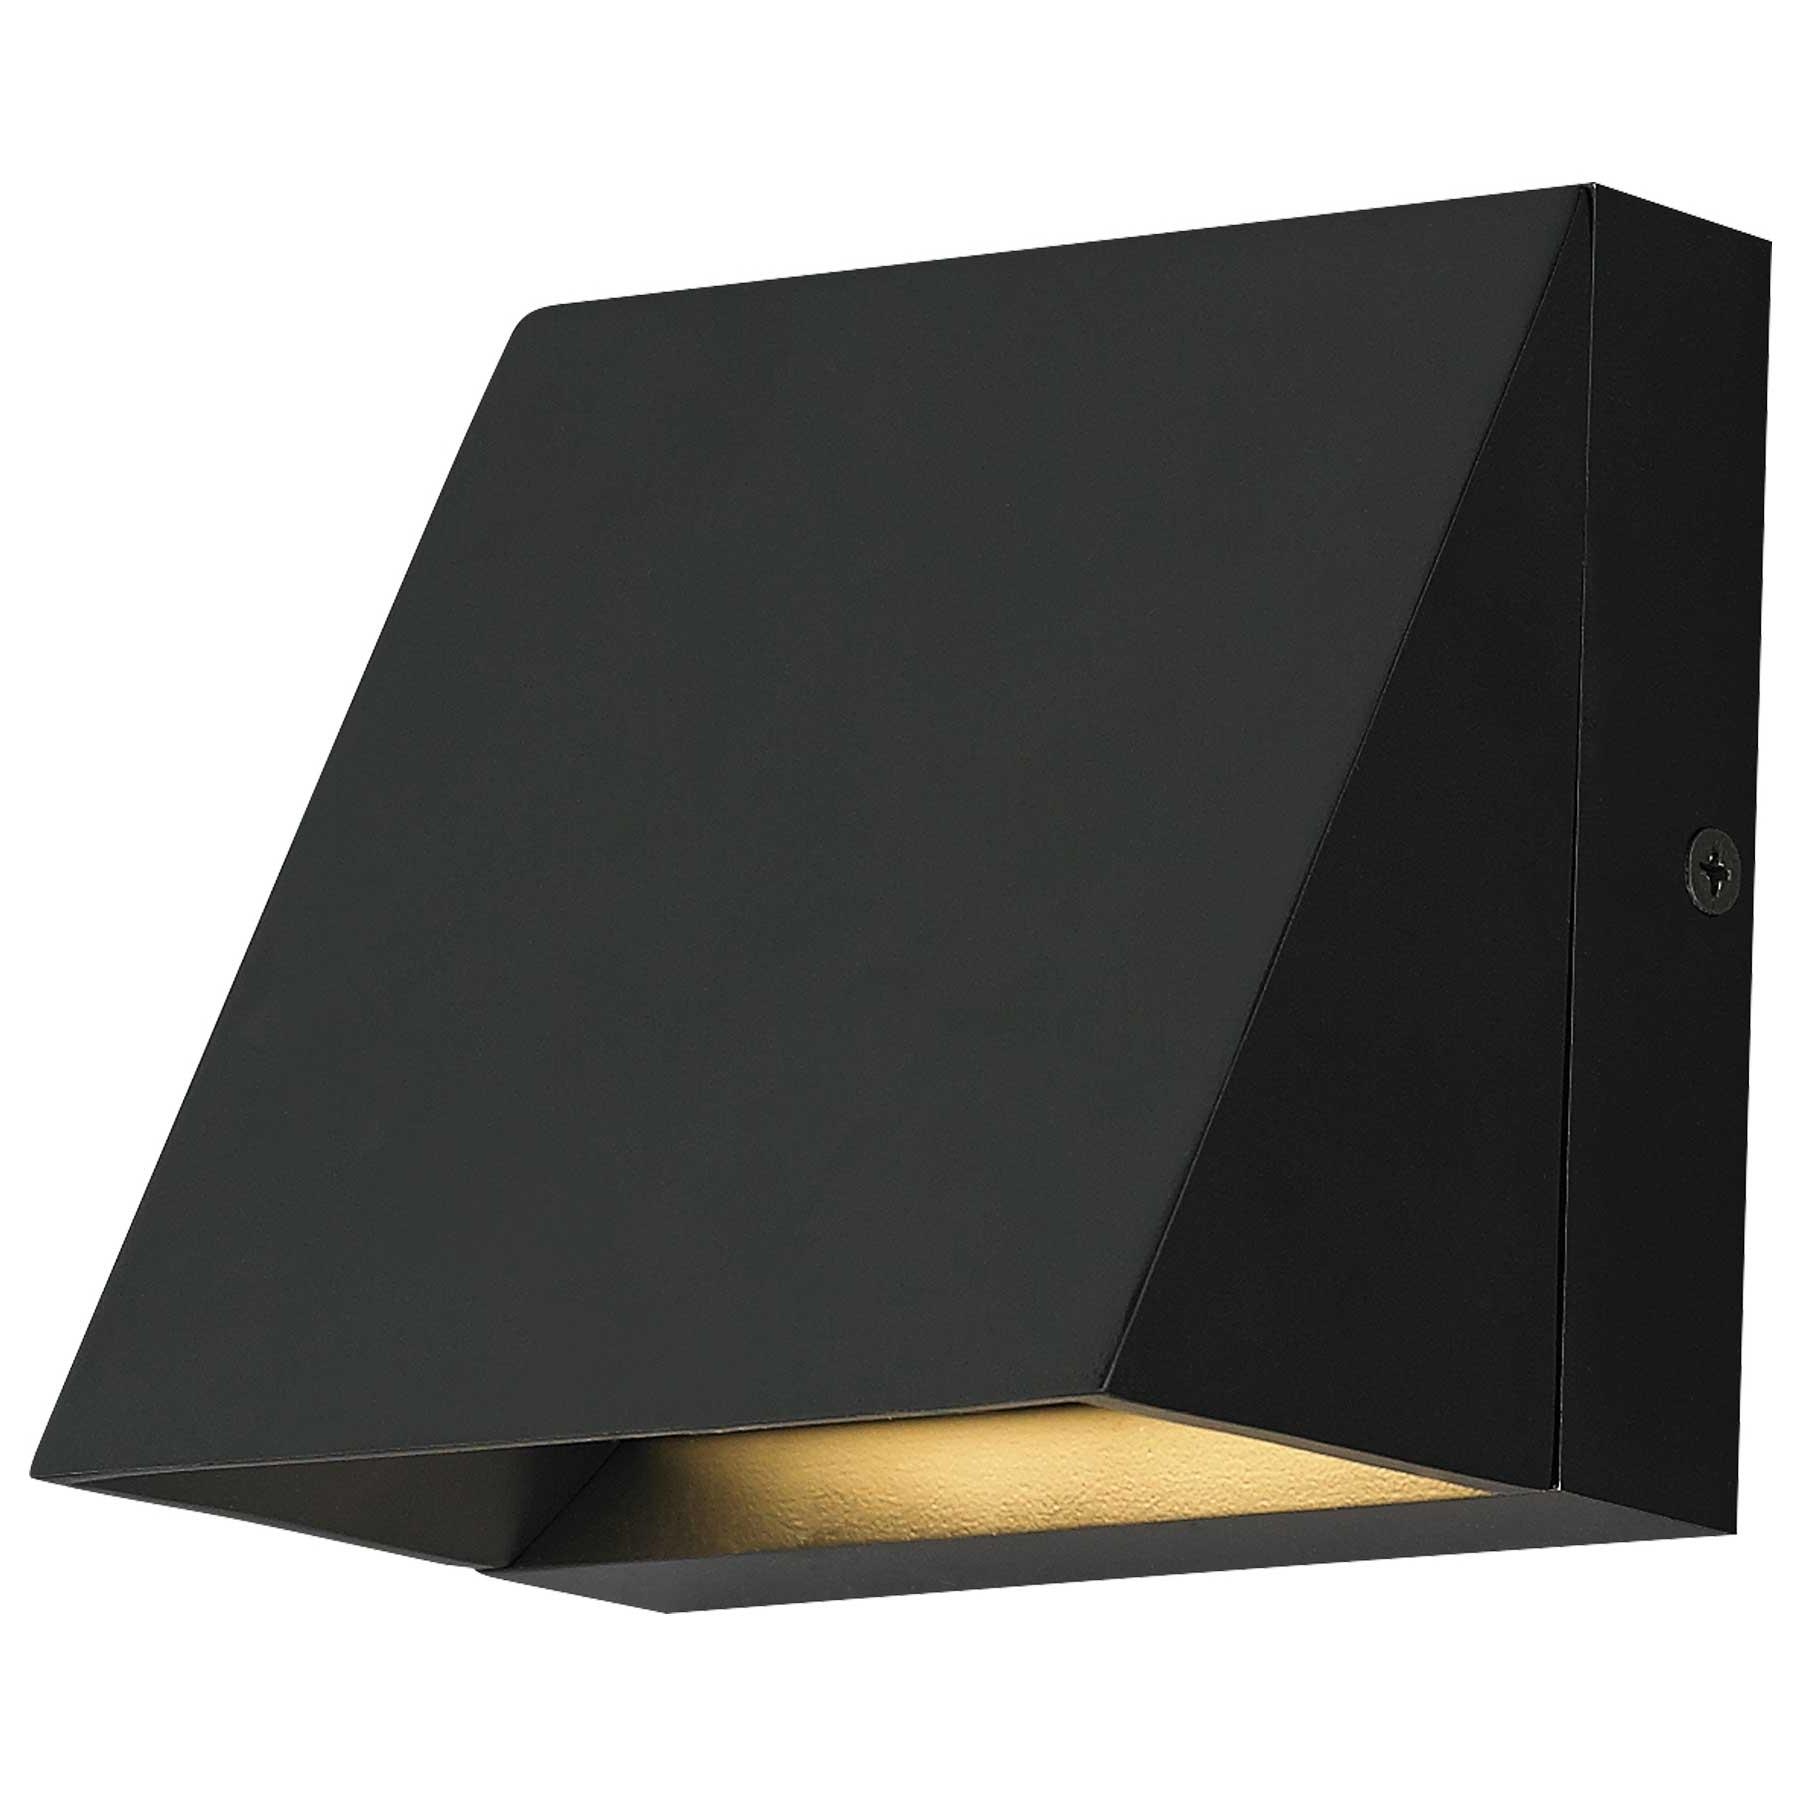 Outdoor Wall Lighttech Lighting (View 4 of 20)